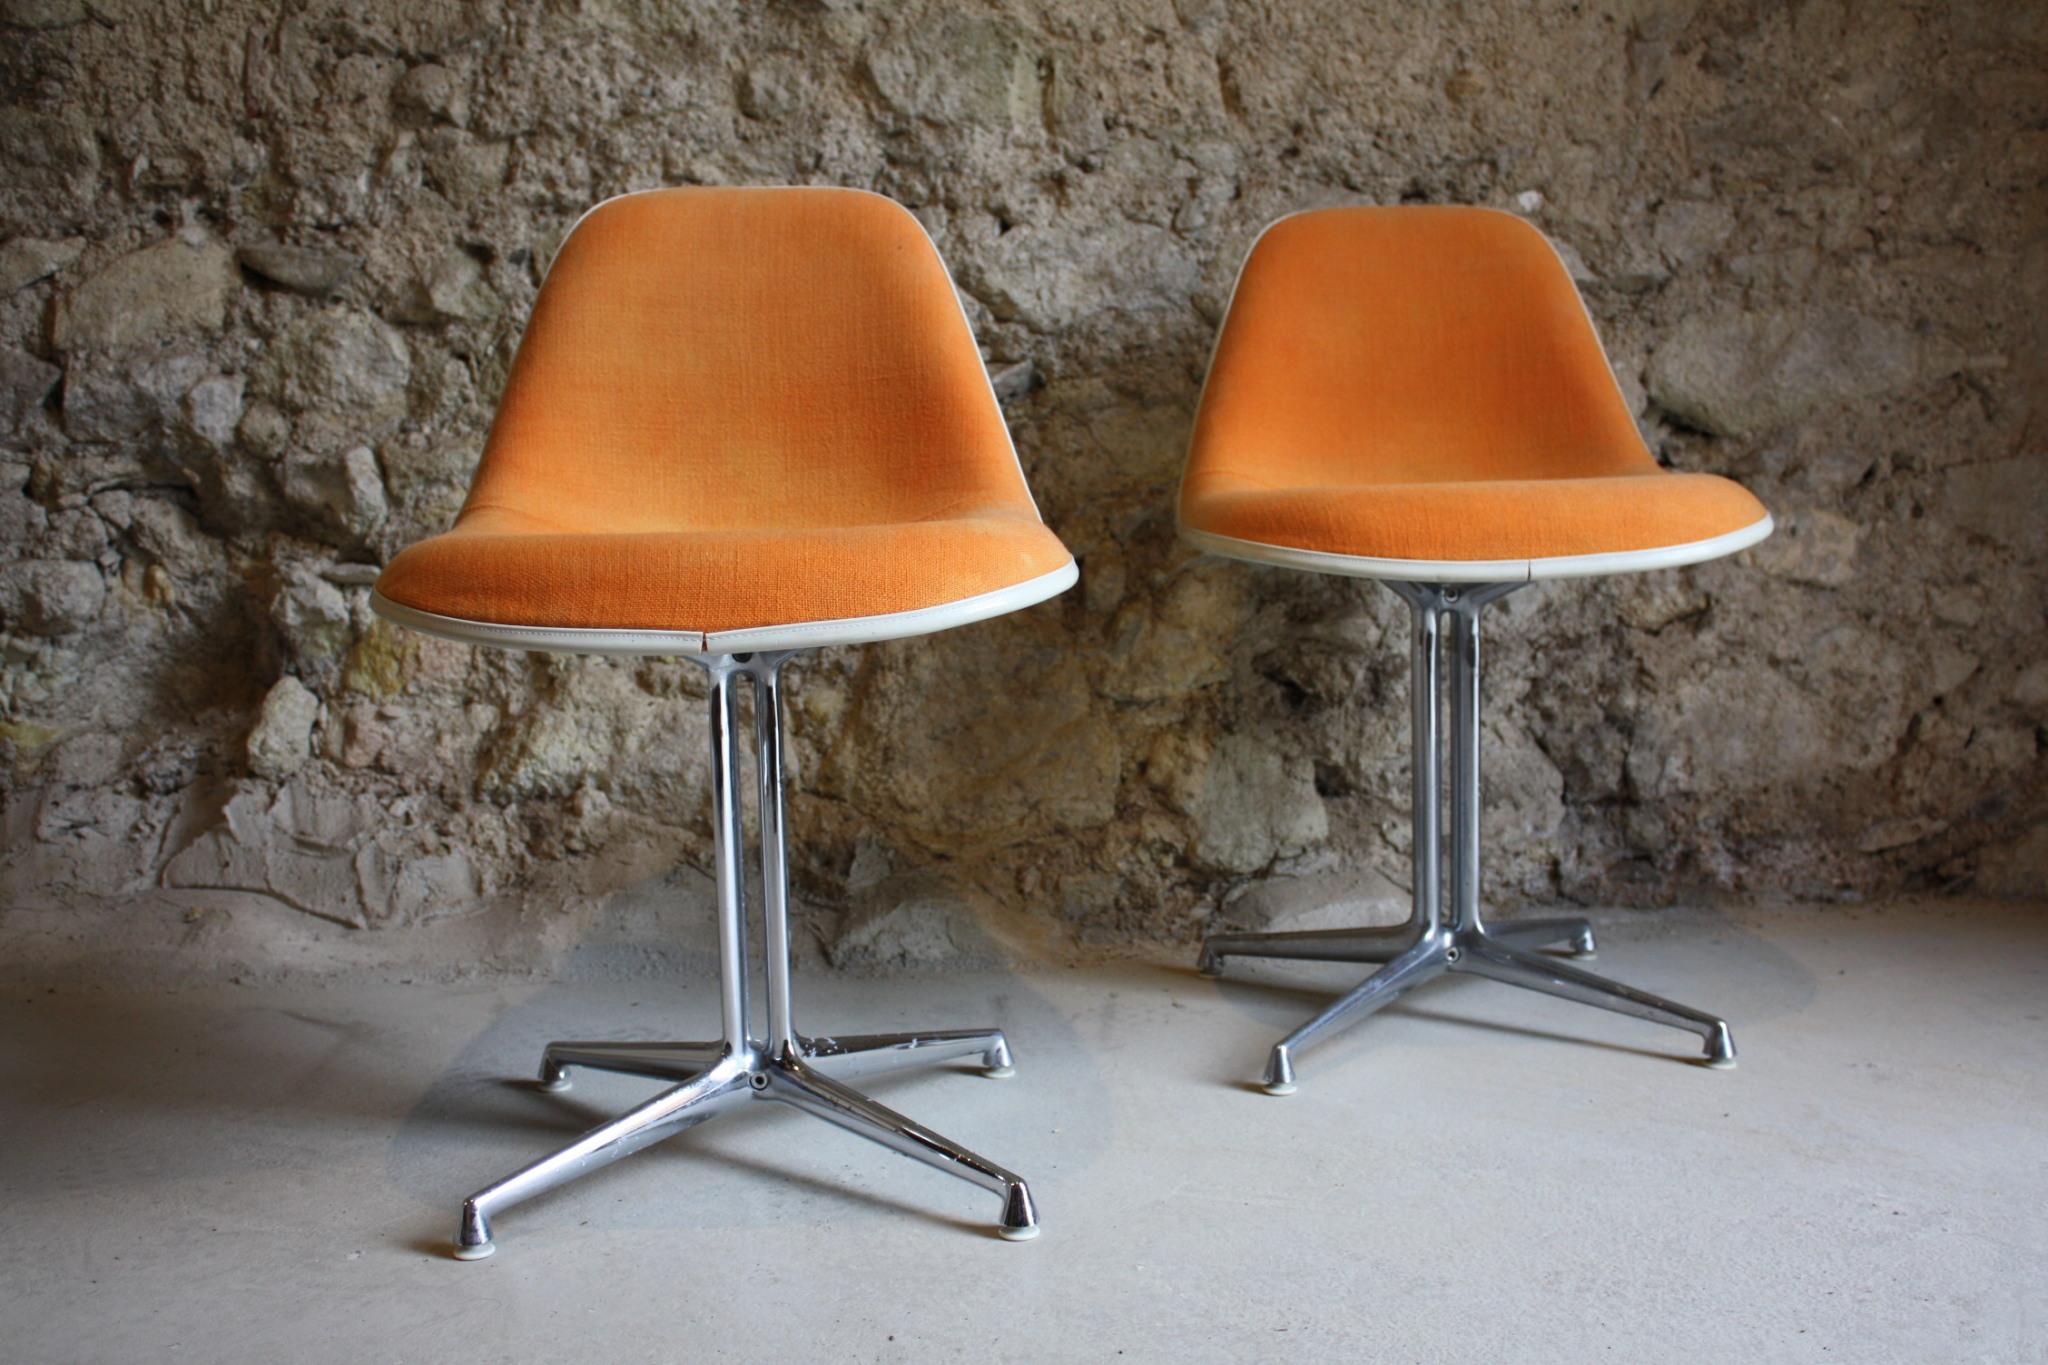 charles eames la fonda stuhl chair von herman miller. Black Bedroom Furniture Sets. Home Design Ideas